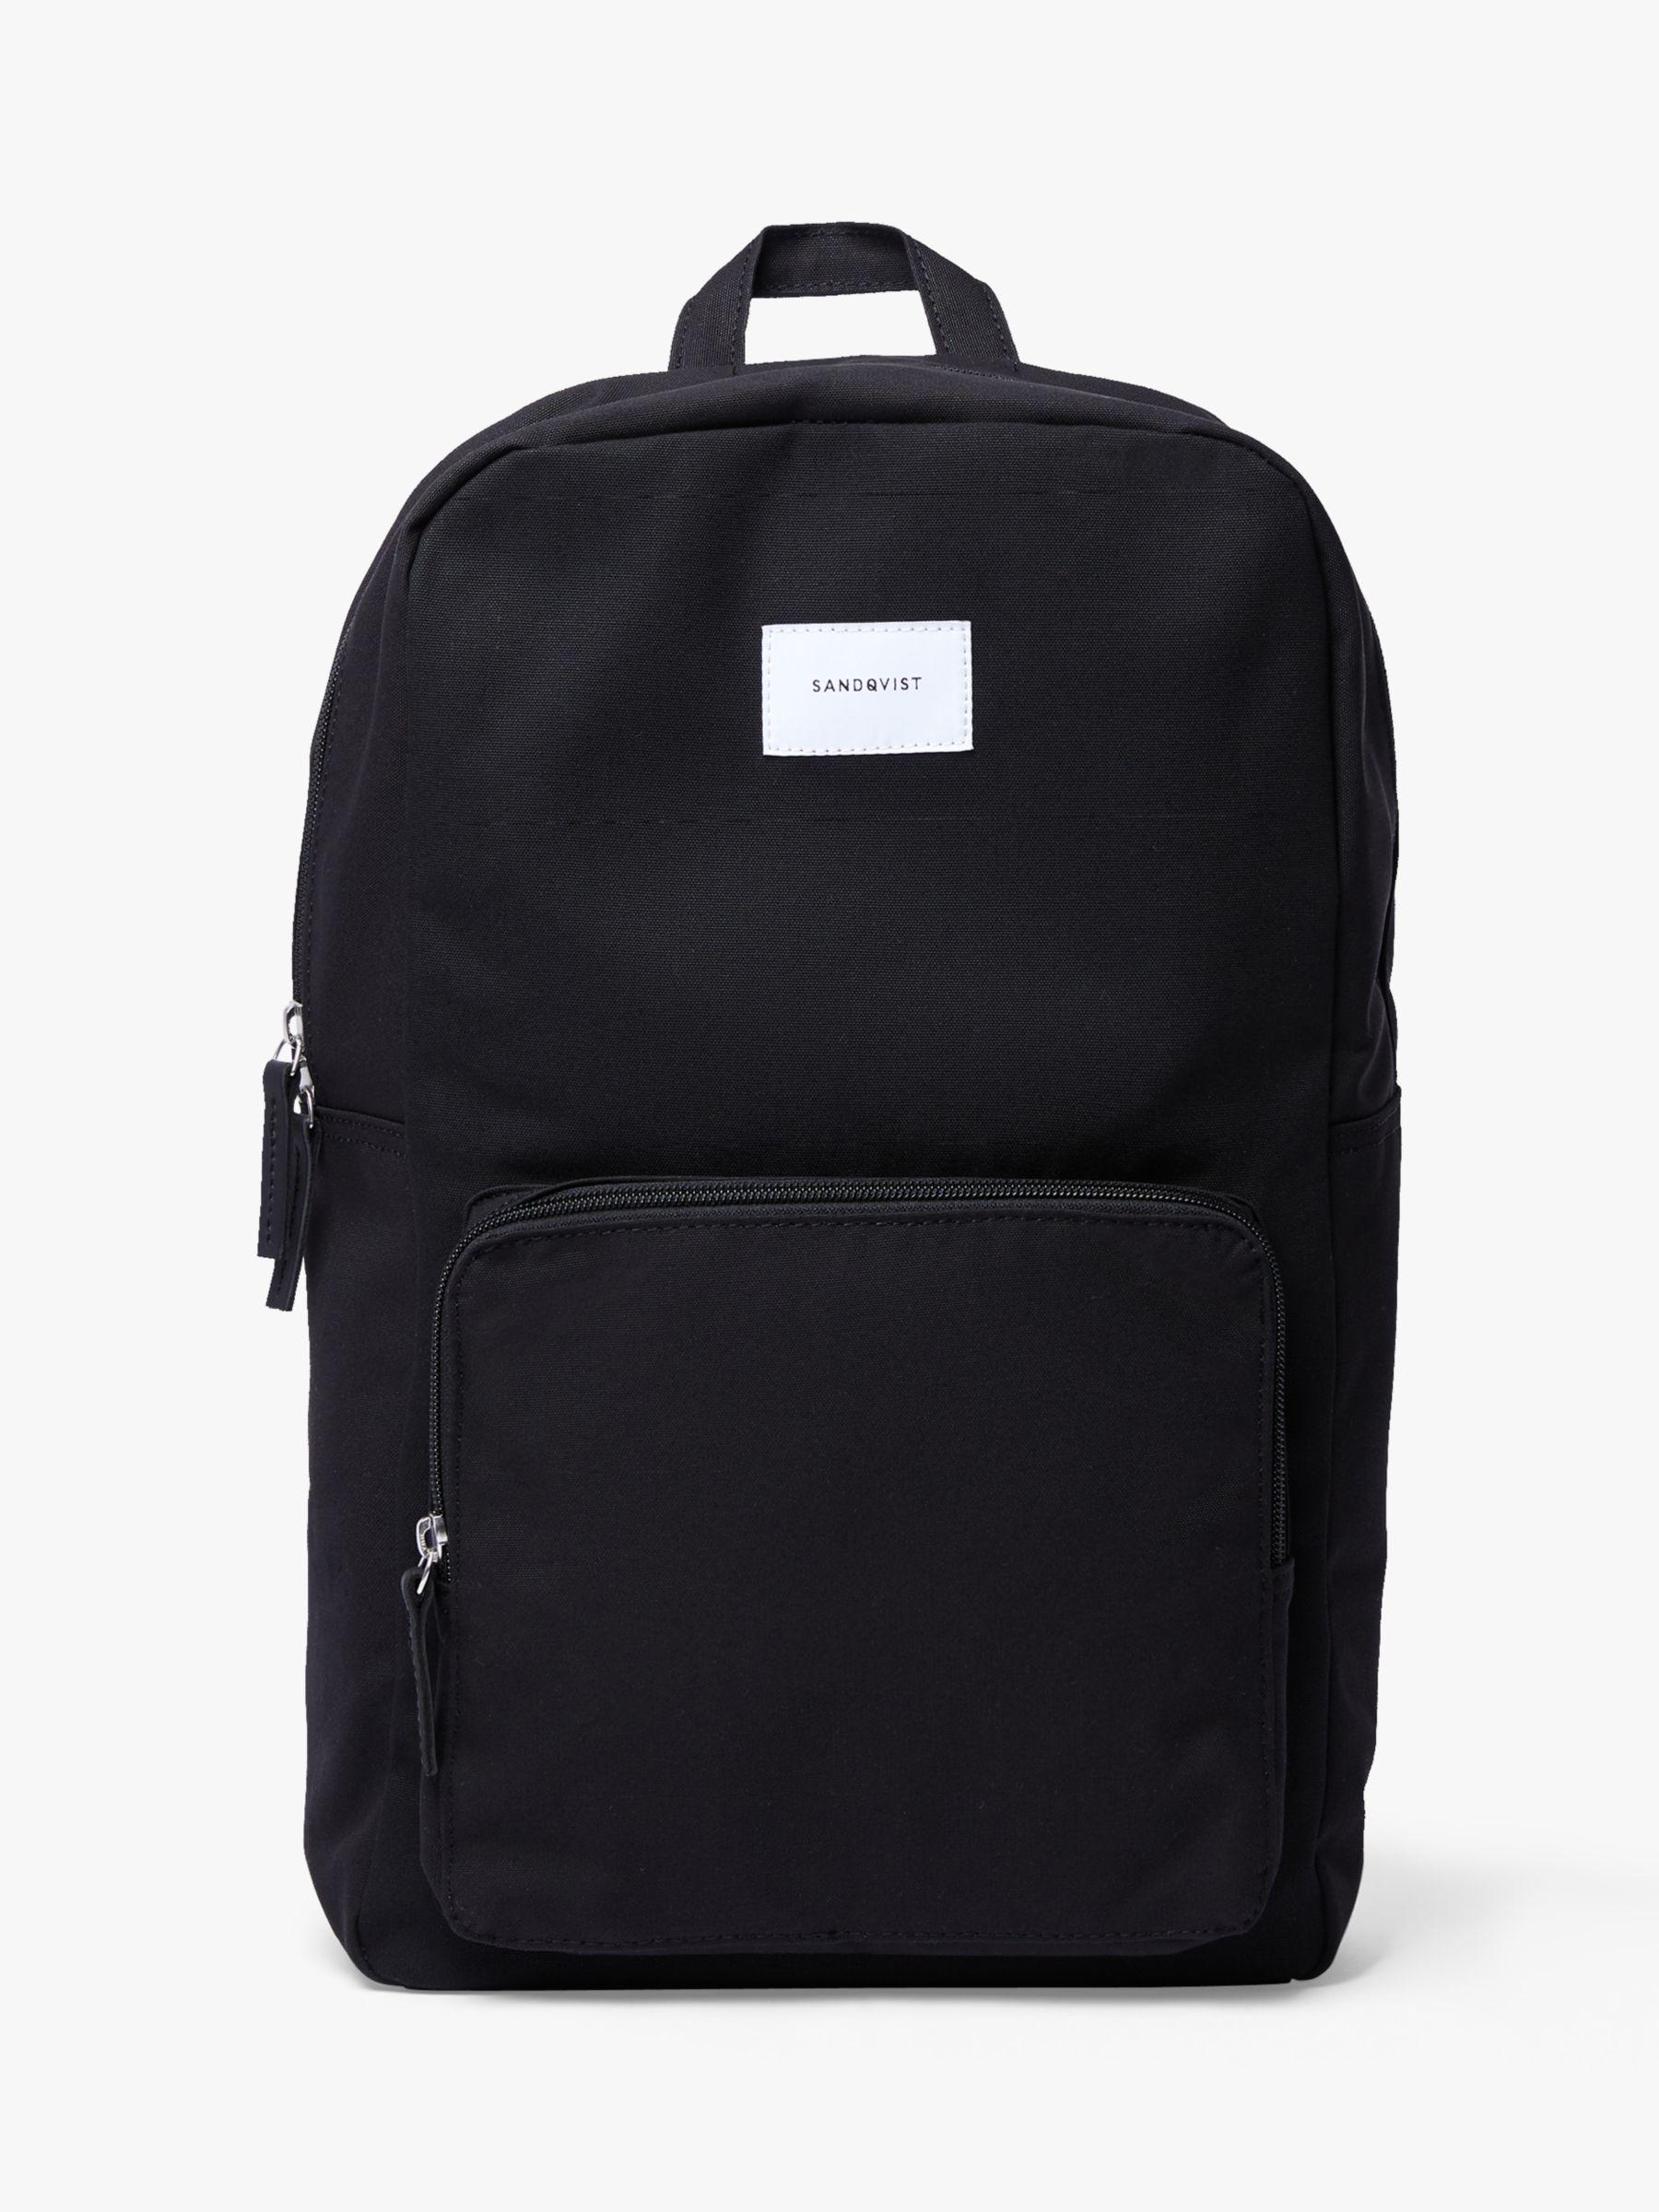 Sandqvist Sandqvist Kim Grand Organic Cotton Backpack, Black